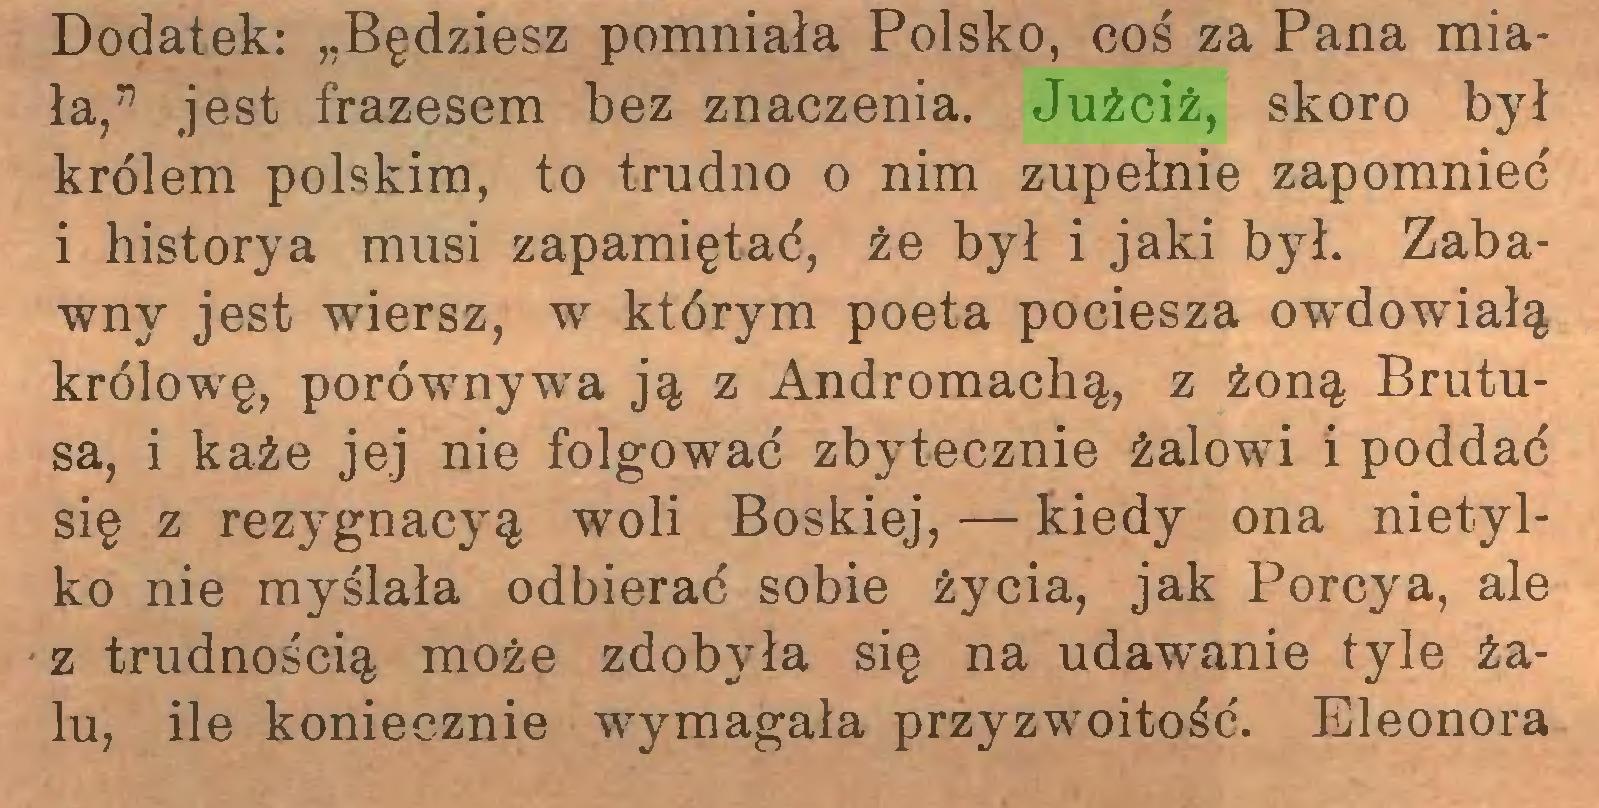 """(...) Dodatek: """"Będziesz pomniała Polsko, coś za Pana miała,"""" jest frazesem bez znaczenia. Jużciż, skoro był królem polskim, to trudno o nim zupełnie zapomnieć i historya musi zapamiętać, że był i jaki był. Zabawny jest wiersz, w którym poeta pociesza owdowiałą królowę, porównywa ją z Andromachą, z żoną Brutusa, i każe jej nie folgować zbytecznie żalowi i poddać się z rezygnacyą woli Boskiej, — kiedy ona nietylko nie myślała odbierać sobie życia, jak Porcya, ale z trudnością może zdobyła się na udawanie tyle żalu, ile koniecznie wymagała przyzwoitość. Eleonora..."""